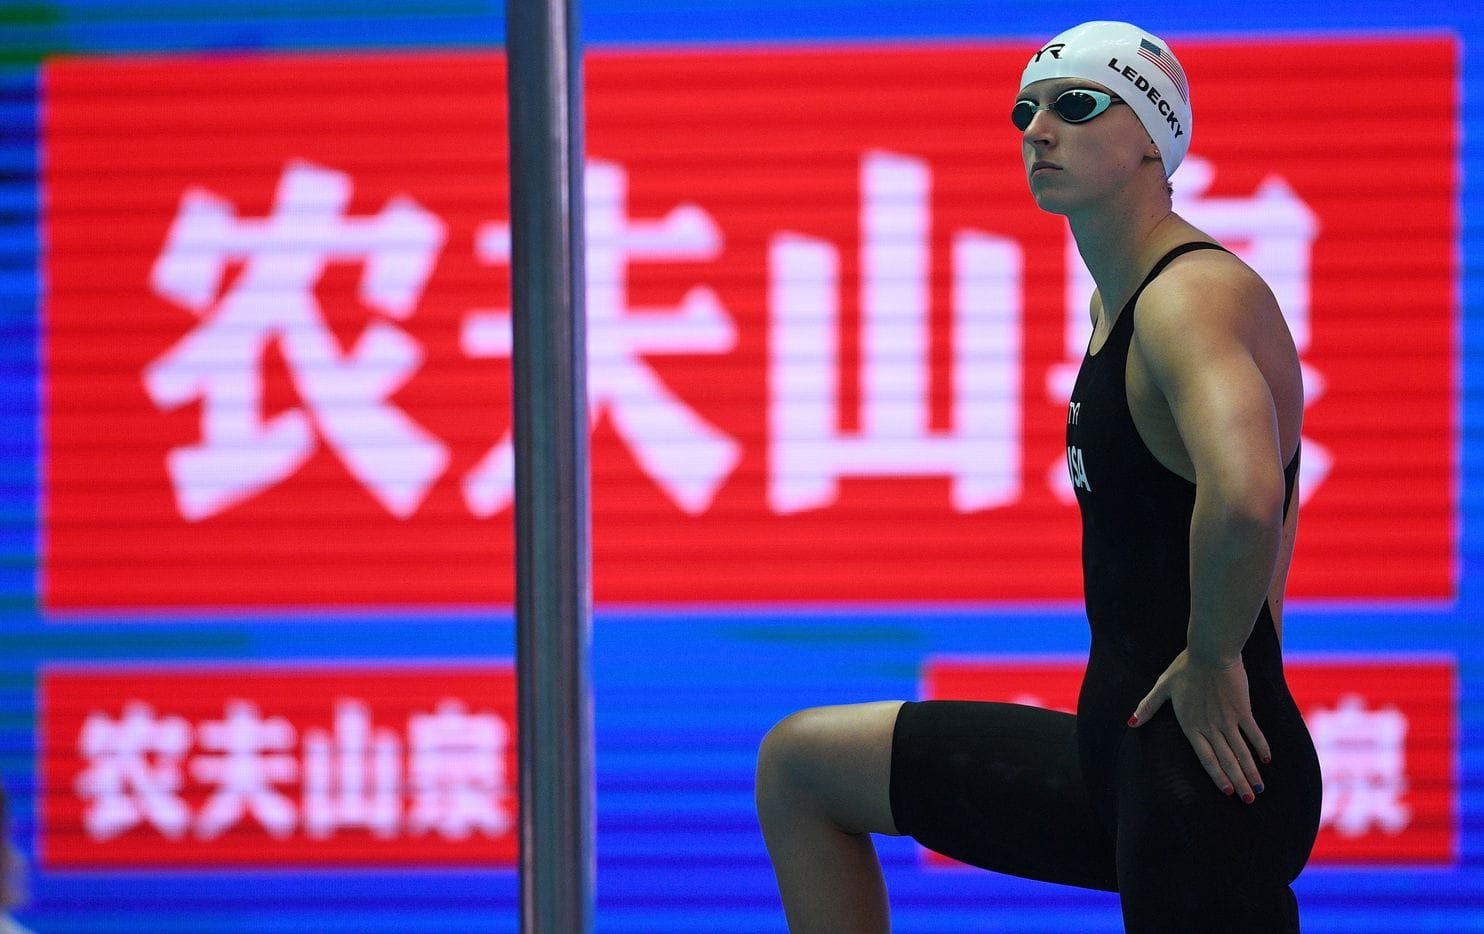 Katie Ledecky não disputará os 200 m livre e é dúvida para a final dos 1500 m em Gwangju